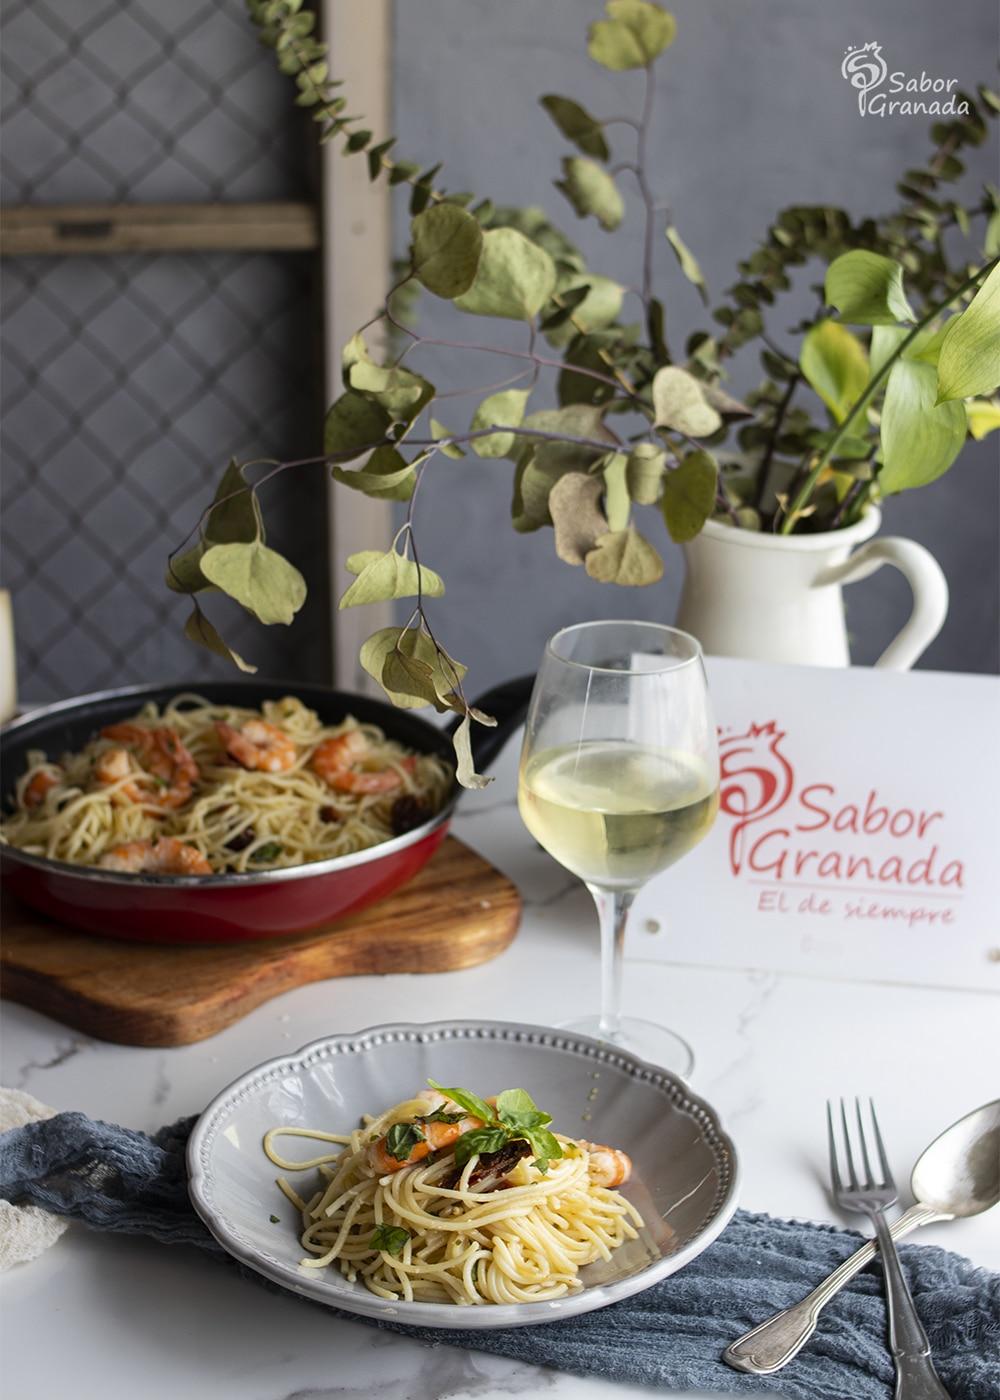 Plato de espaguetis con langostinos y tomates secos - Sabor Granada